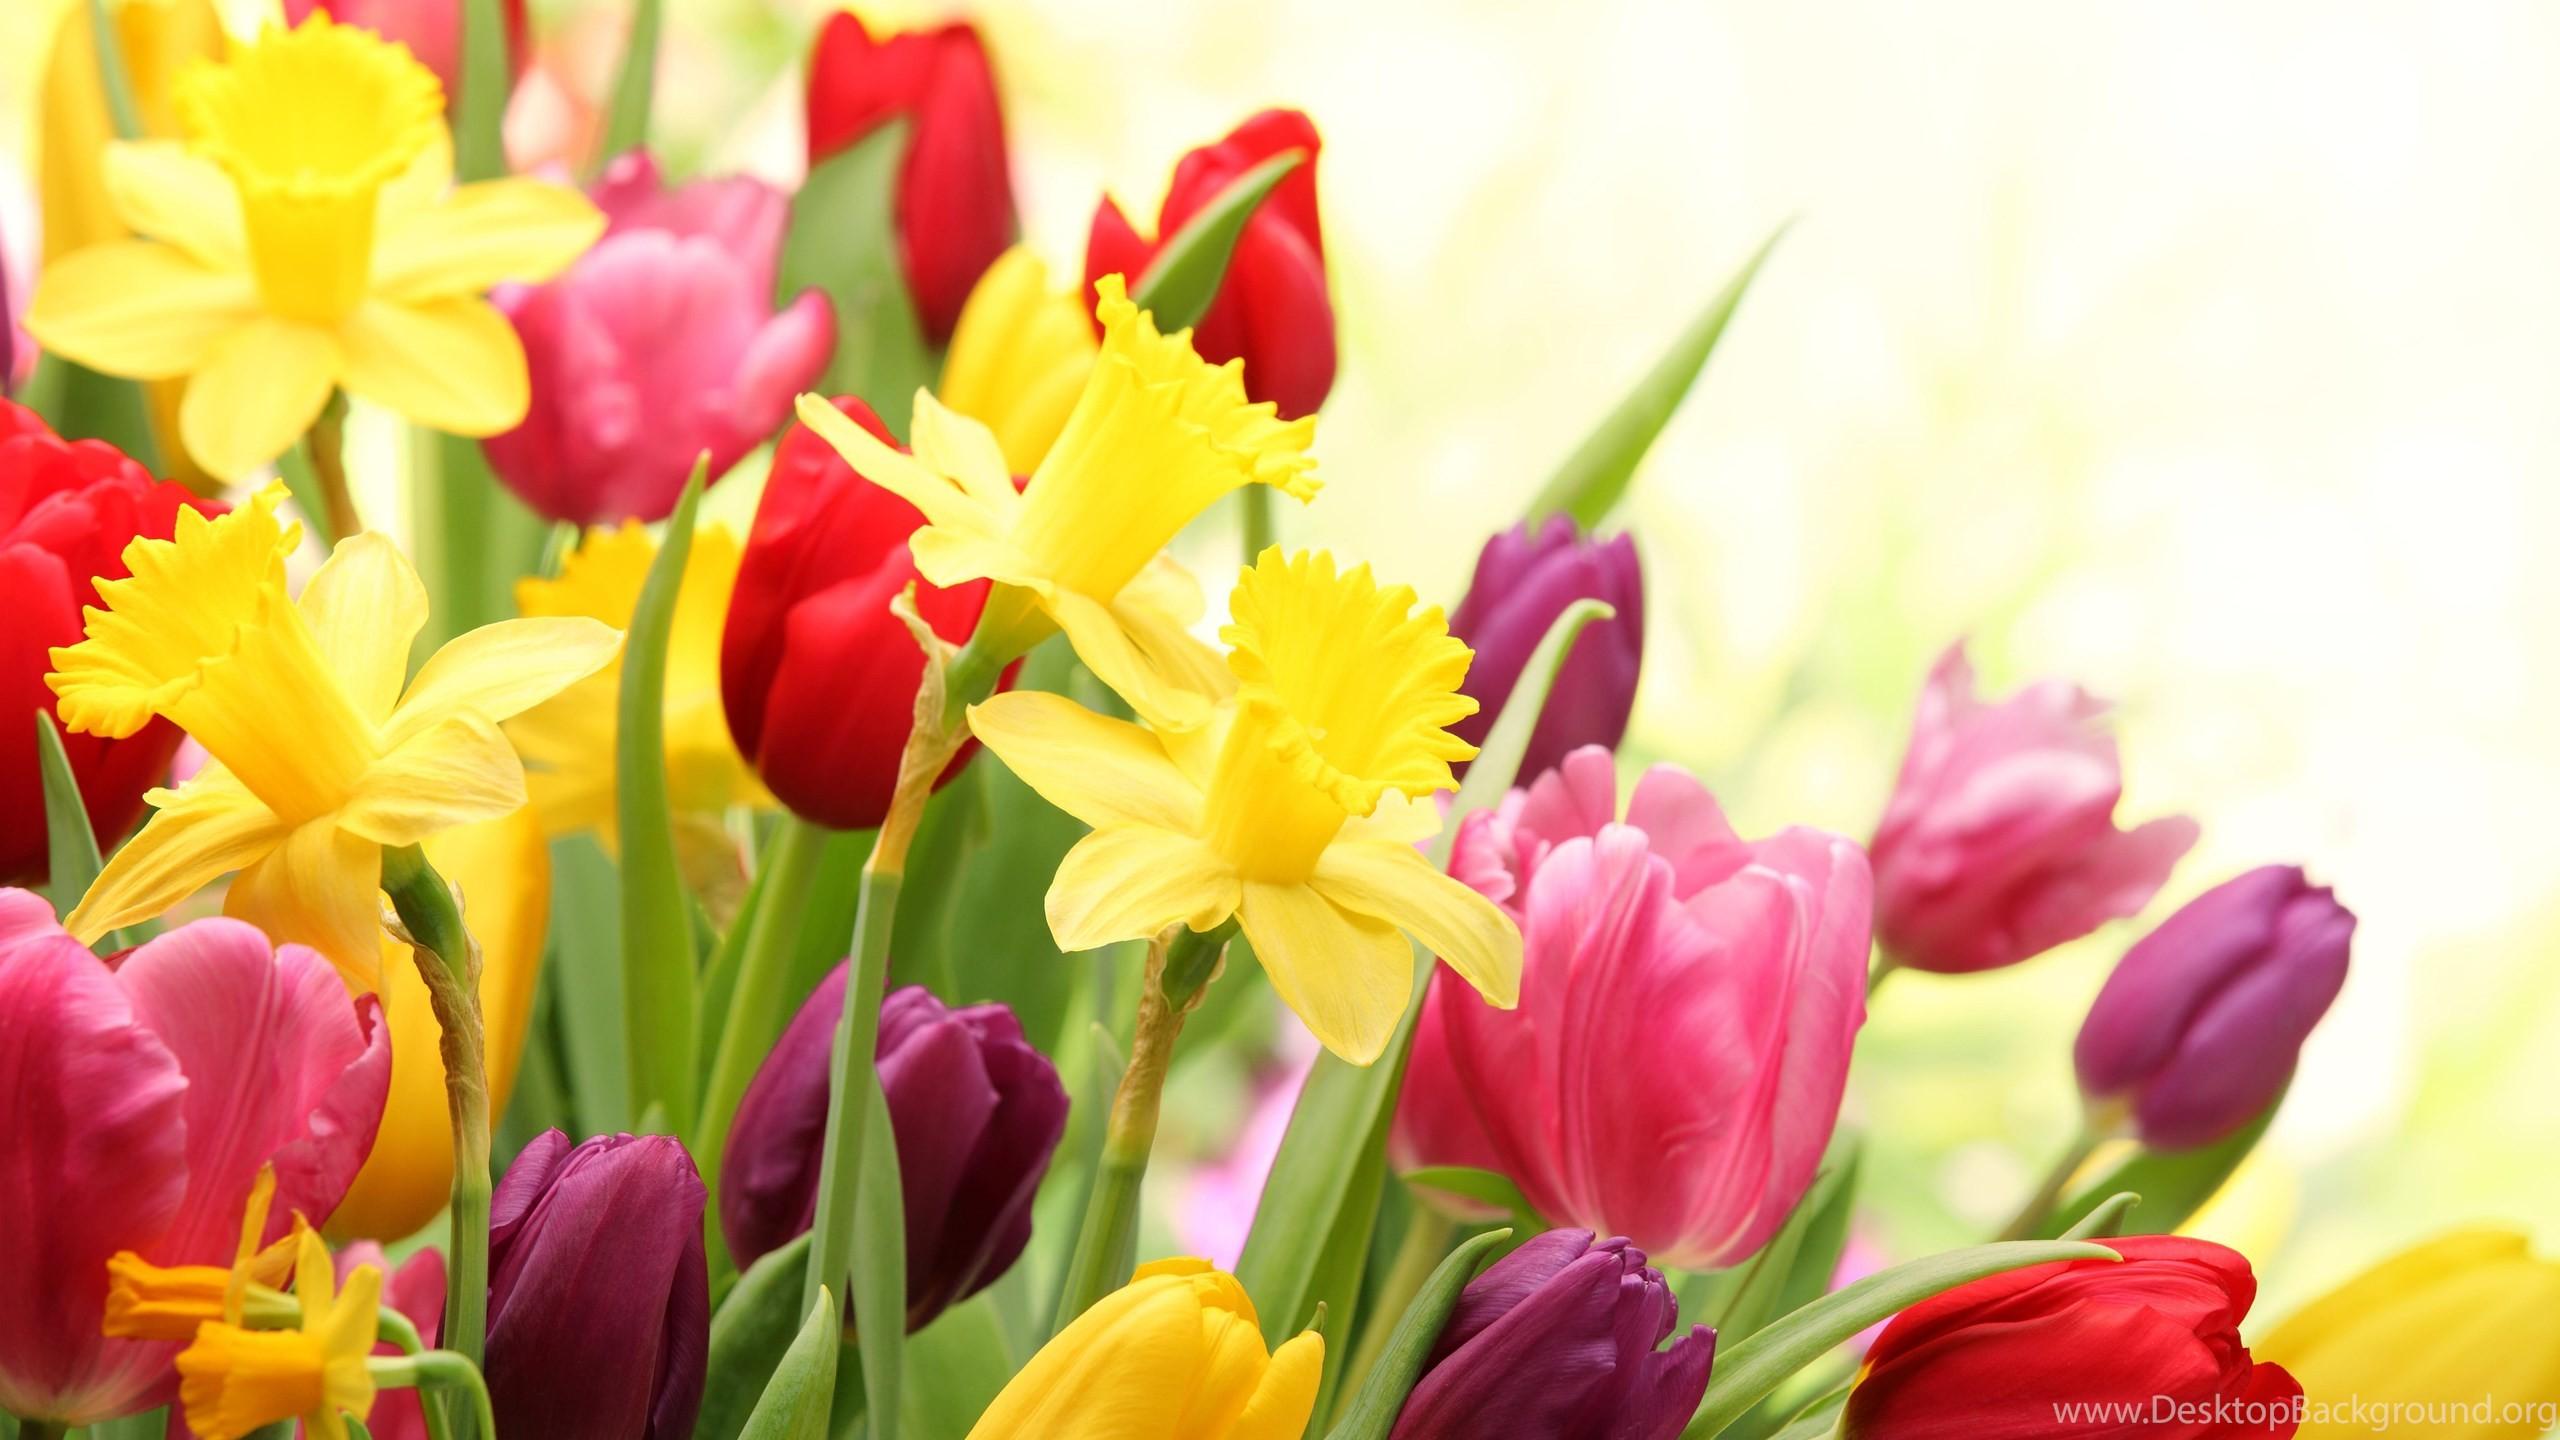 Spring Wallpapers For Desktop 68 Images